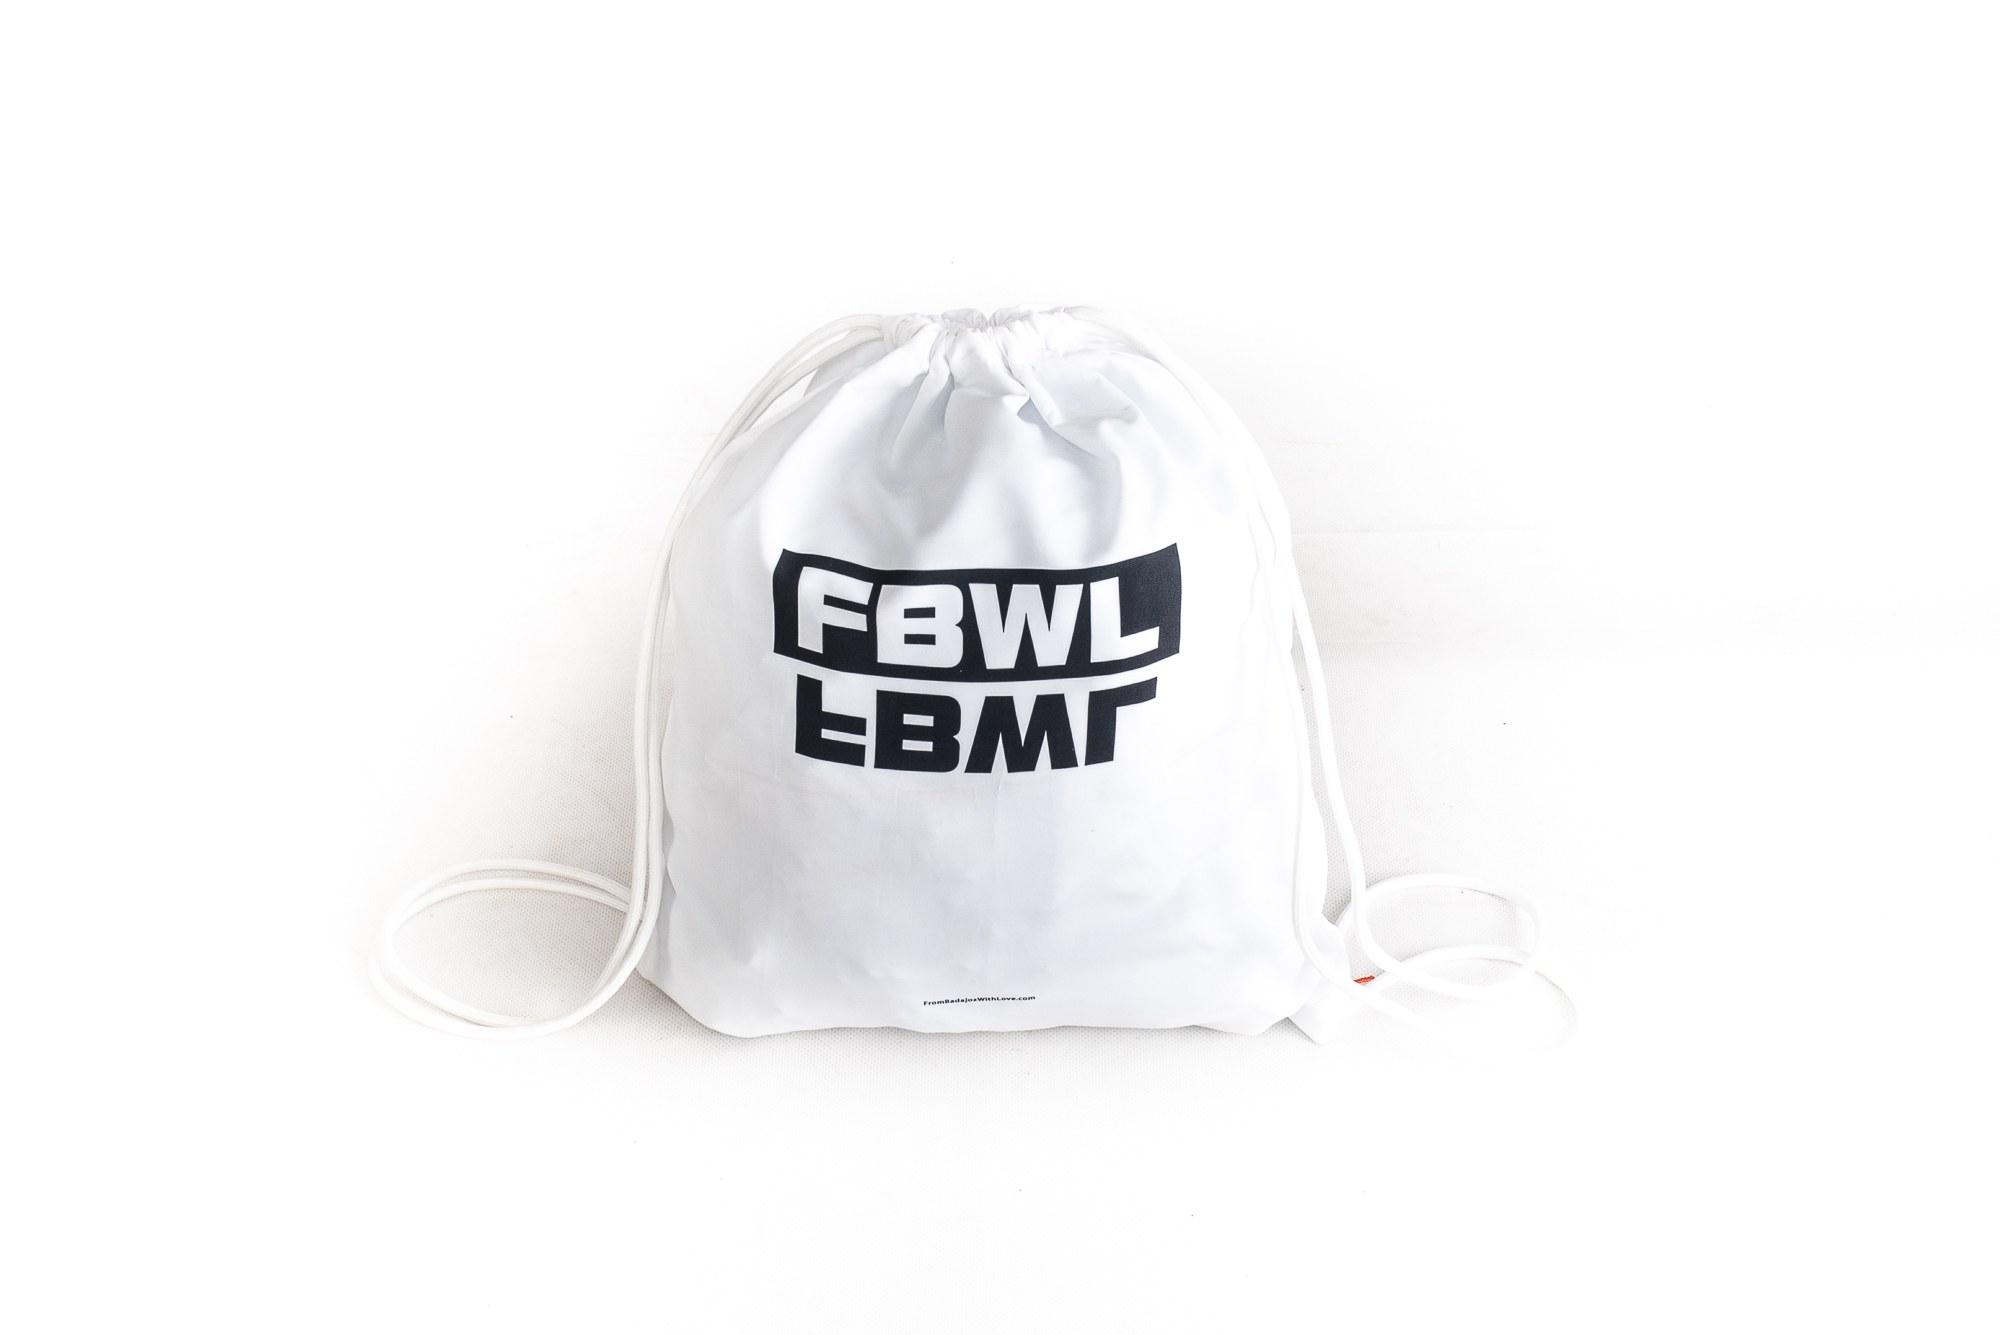 fbwl-4